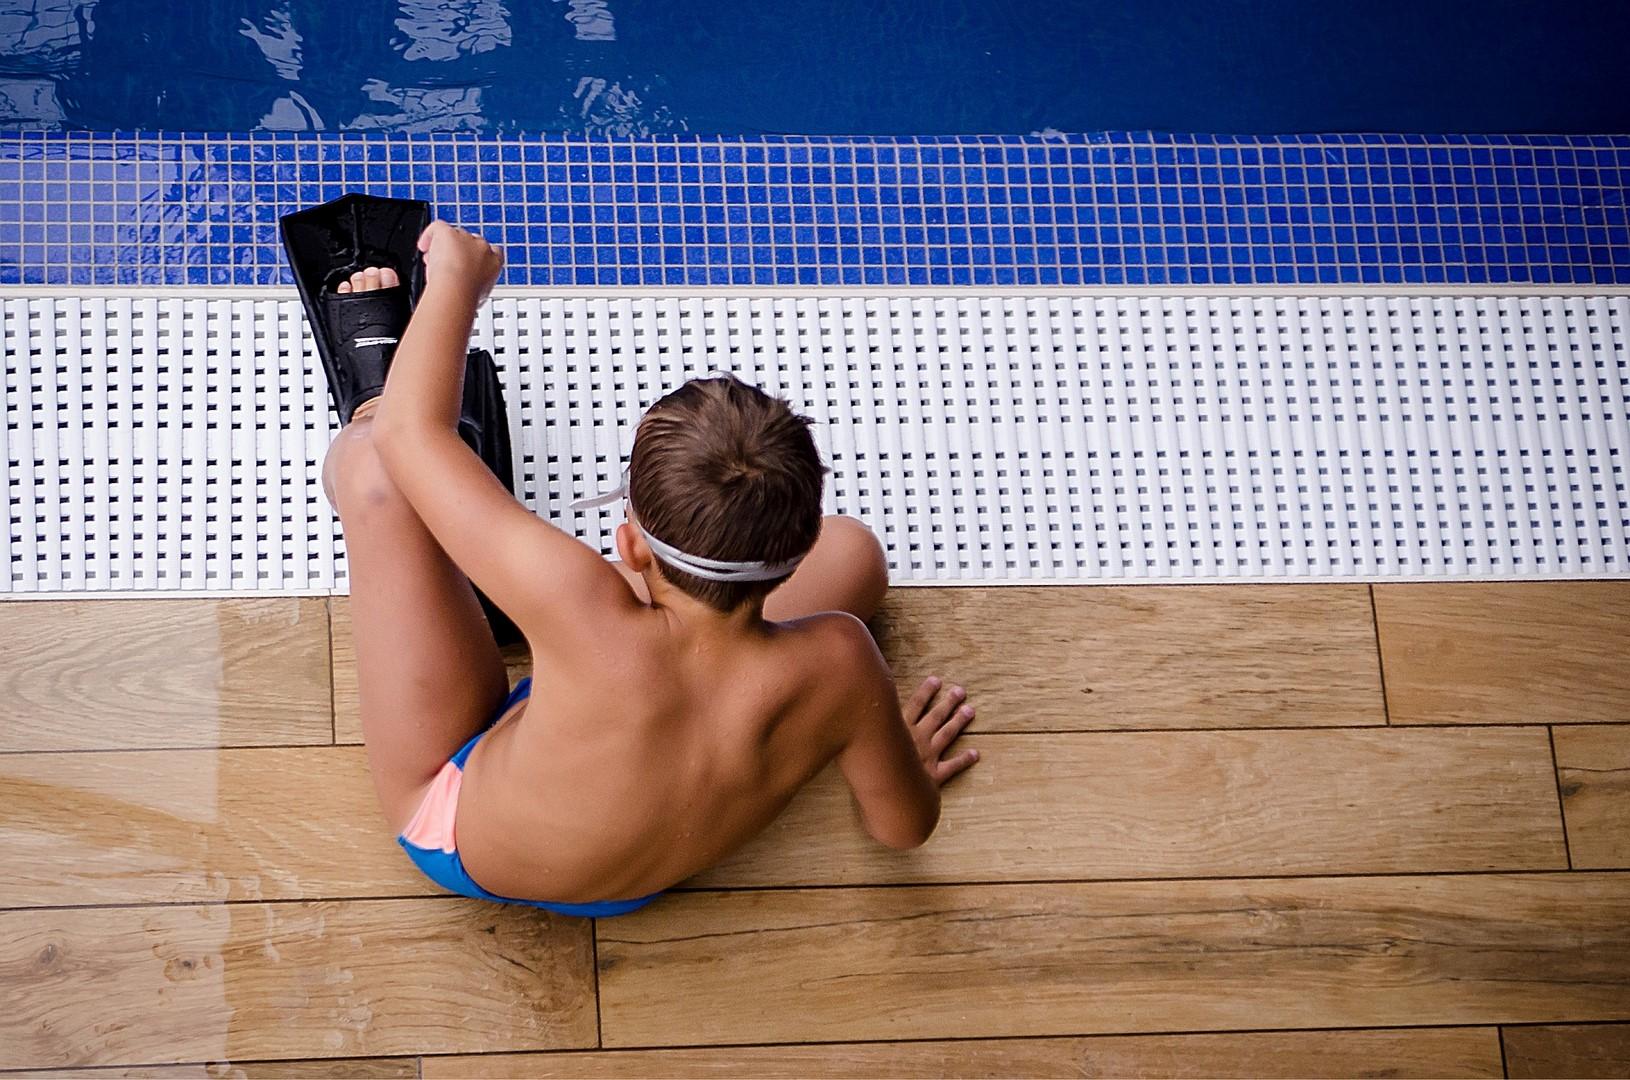 enfant_nageur